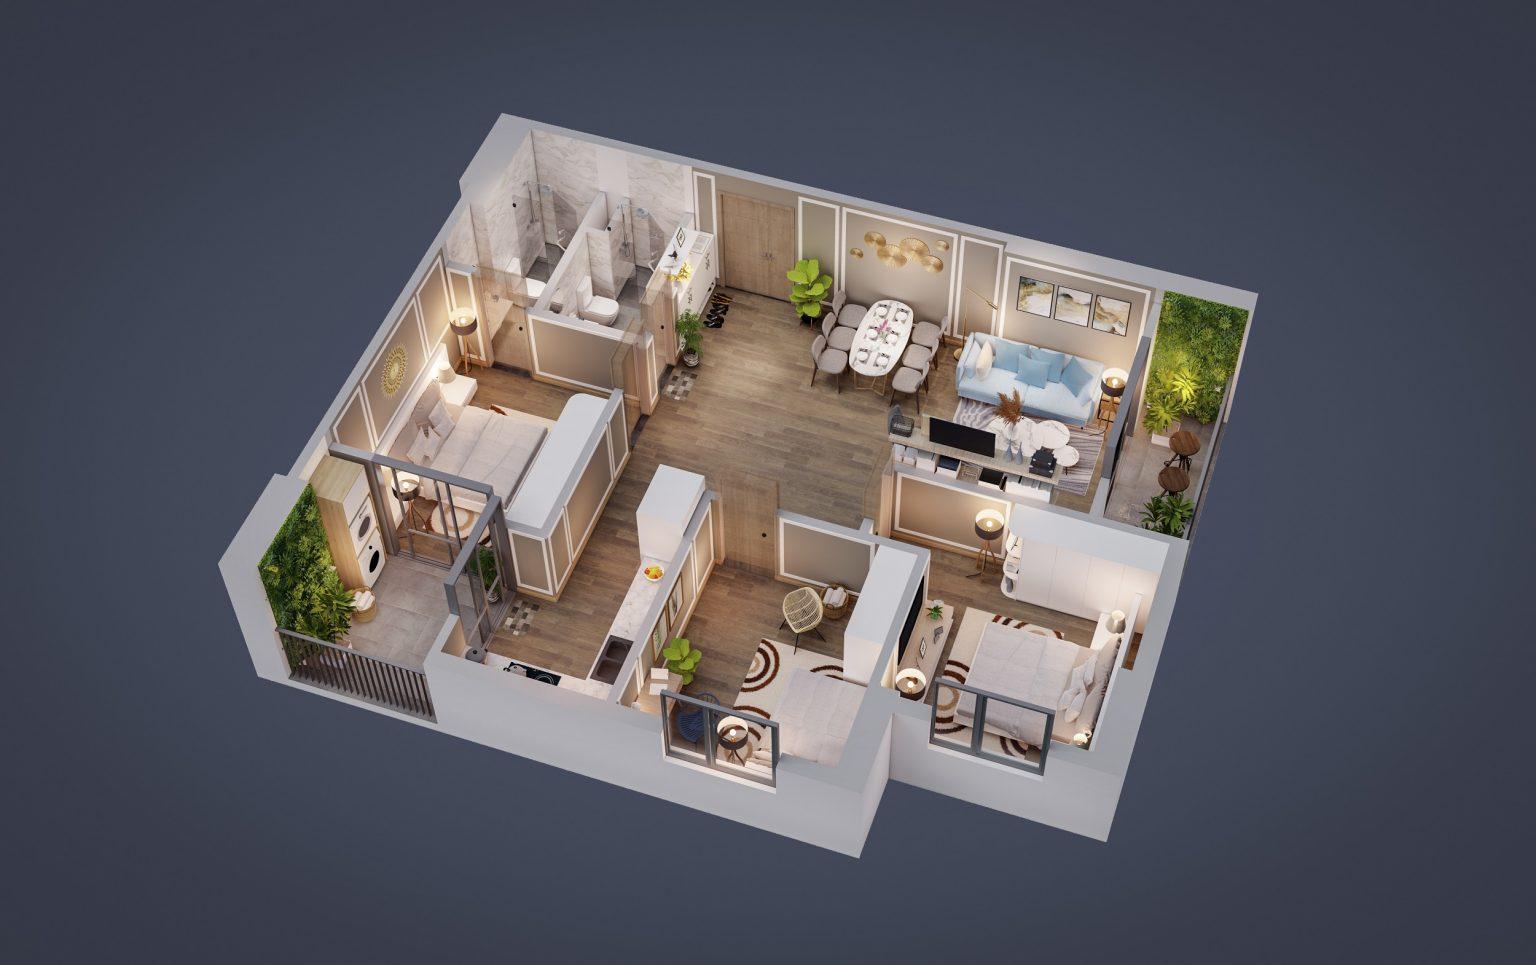 thiết kế tecco diamond căn hộ 3 ngủ